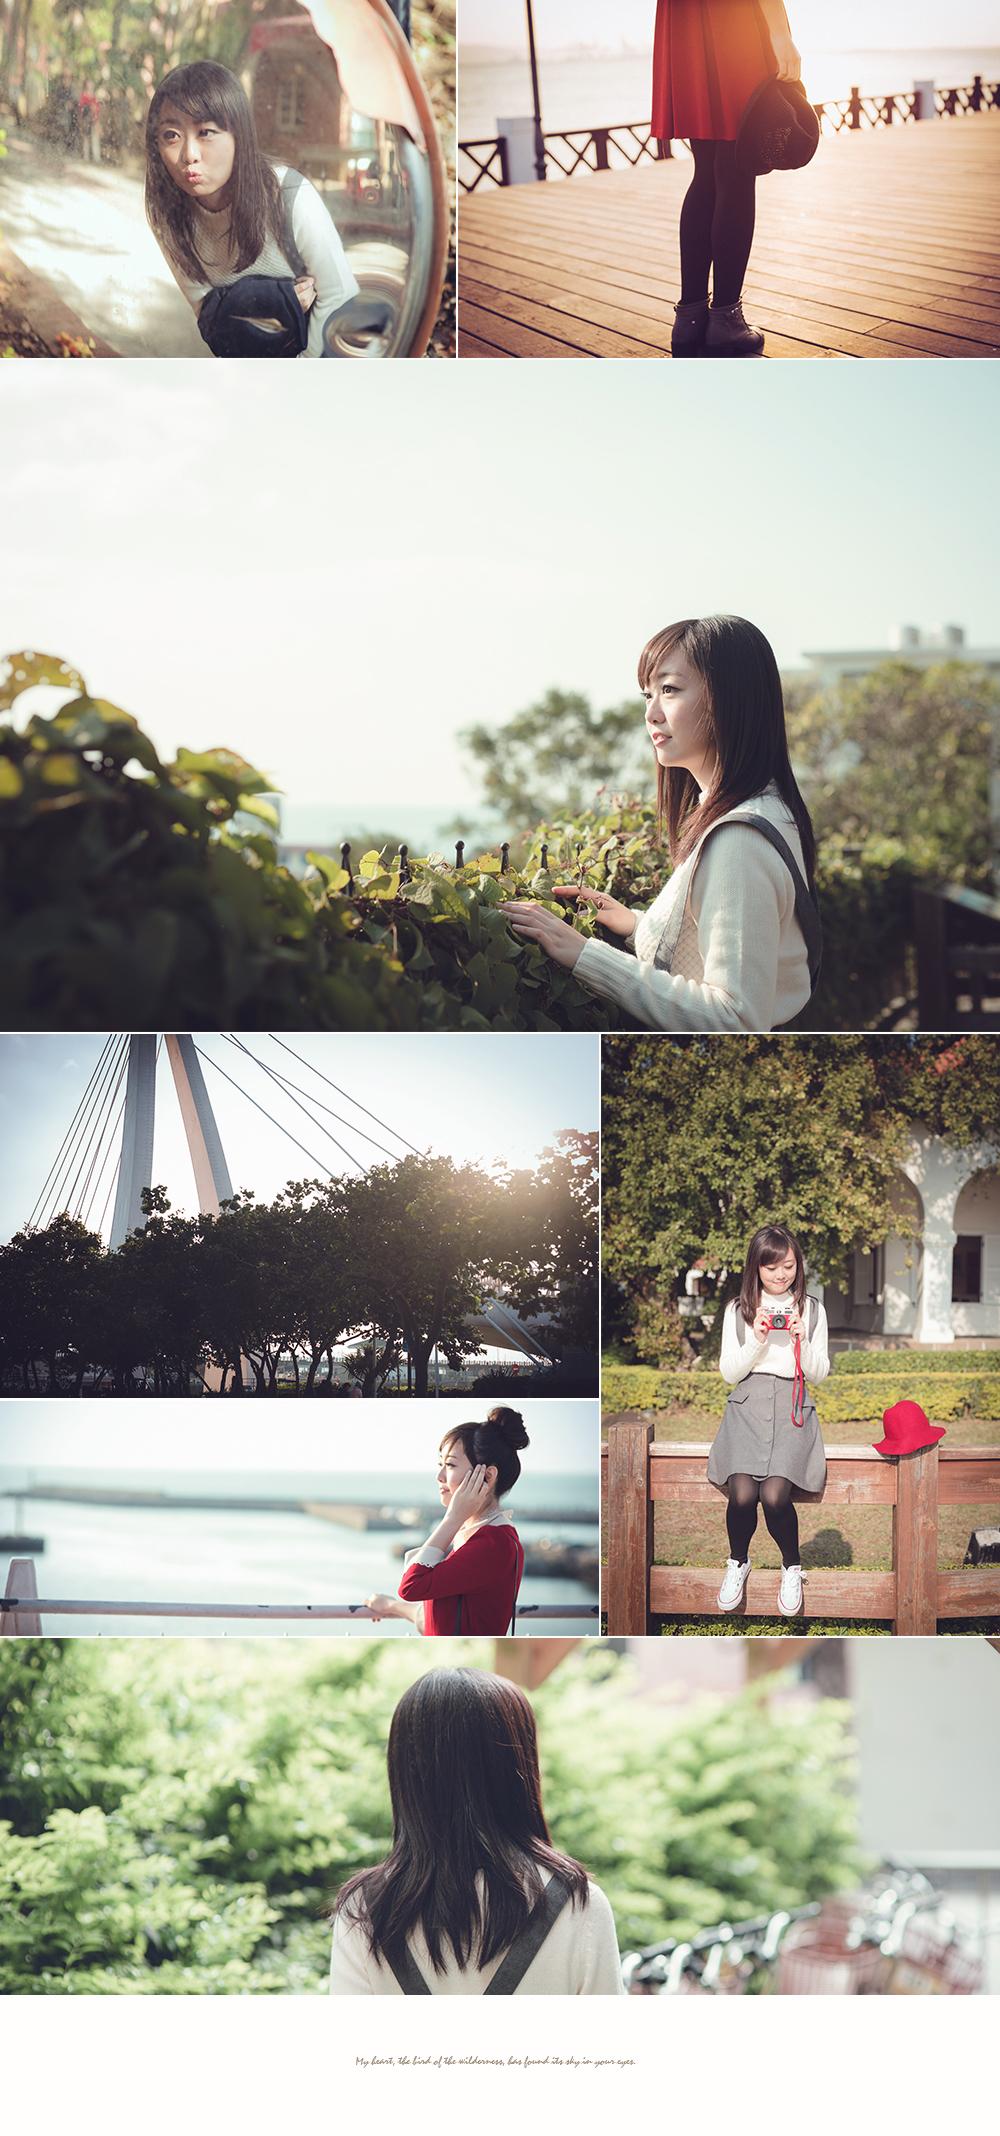 台北女攝影師拍攝女孩女生女人寫真